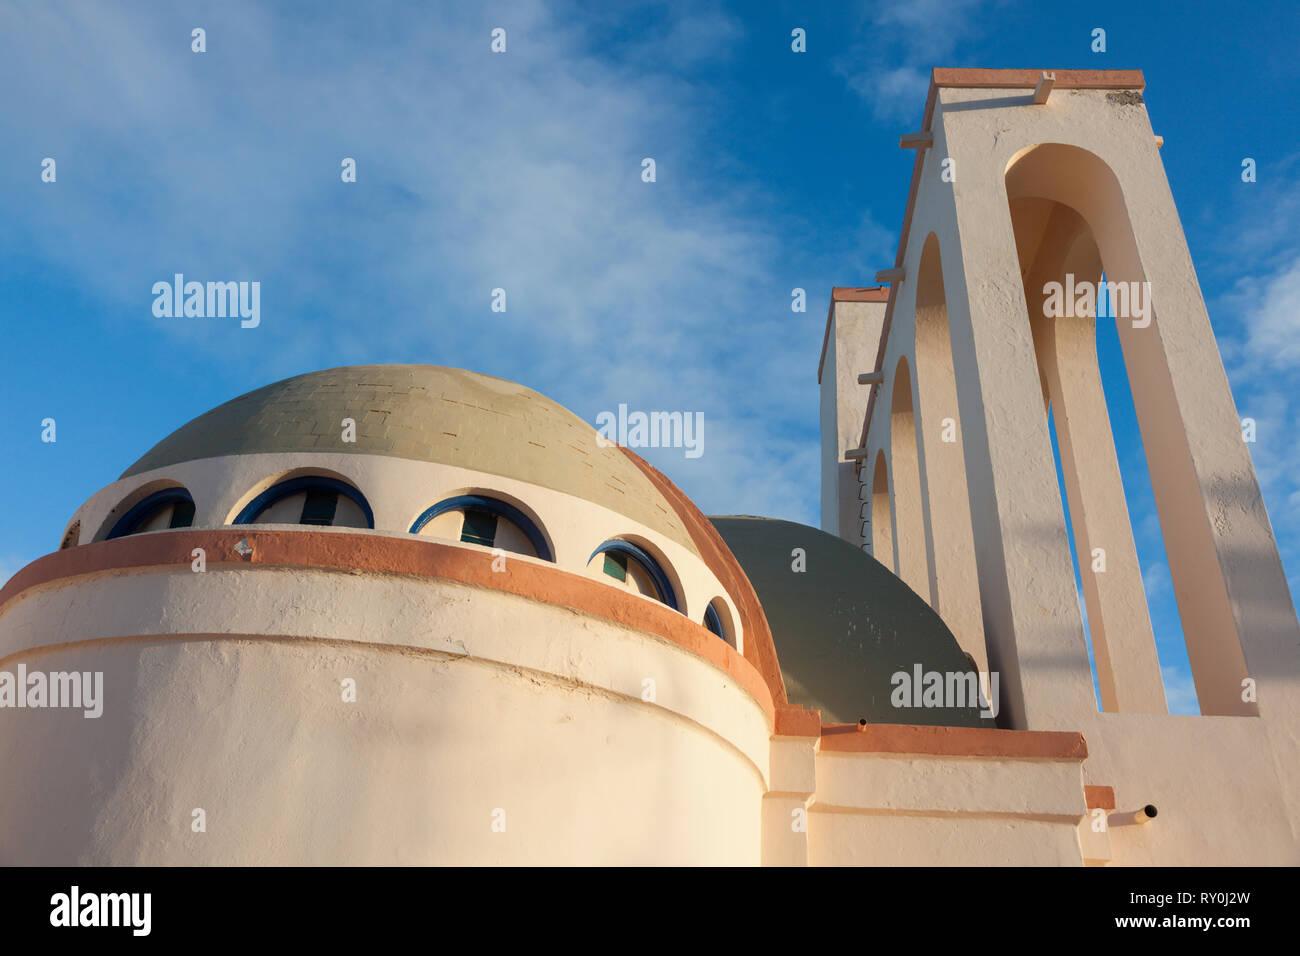 Catholic Church in Dakhla. Dakhla, Western Sahara, Morocco. - Stock Image